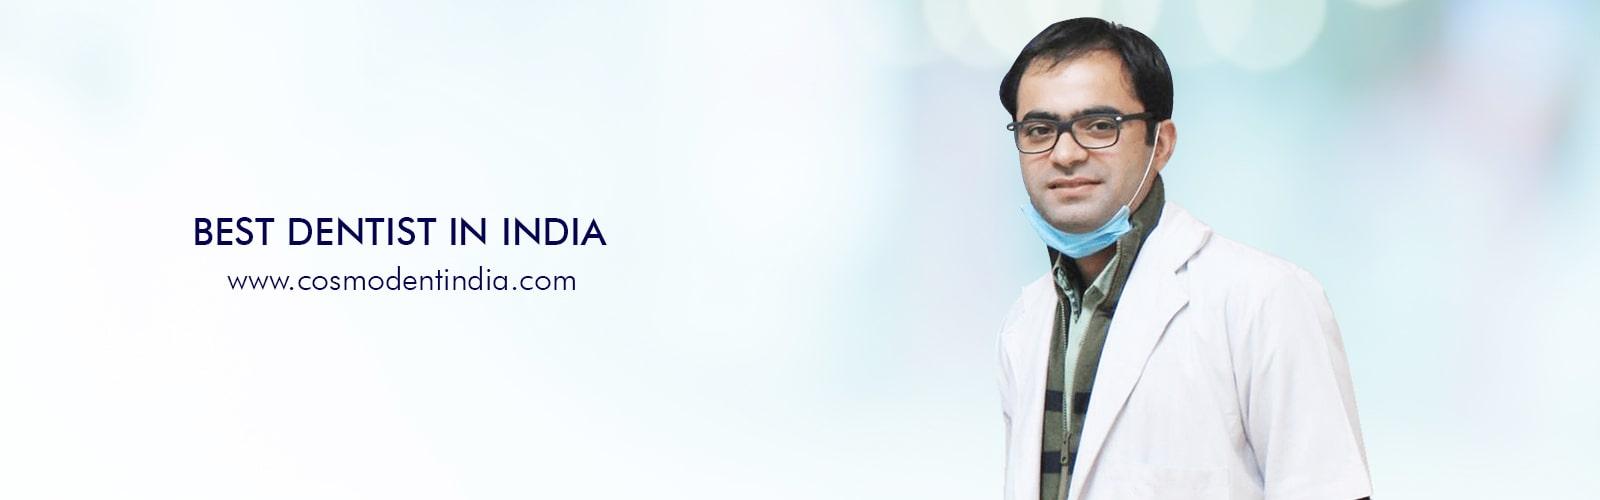 أفضل طبيب أسنان-في الهند